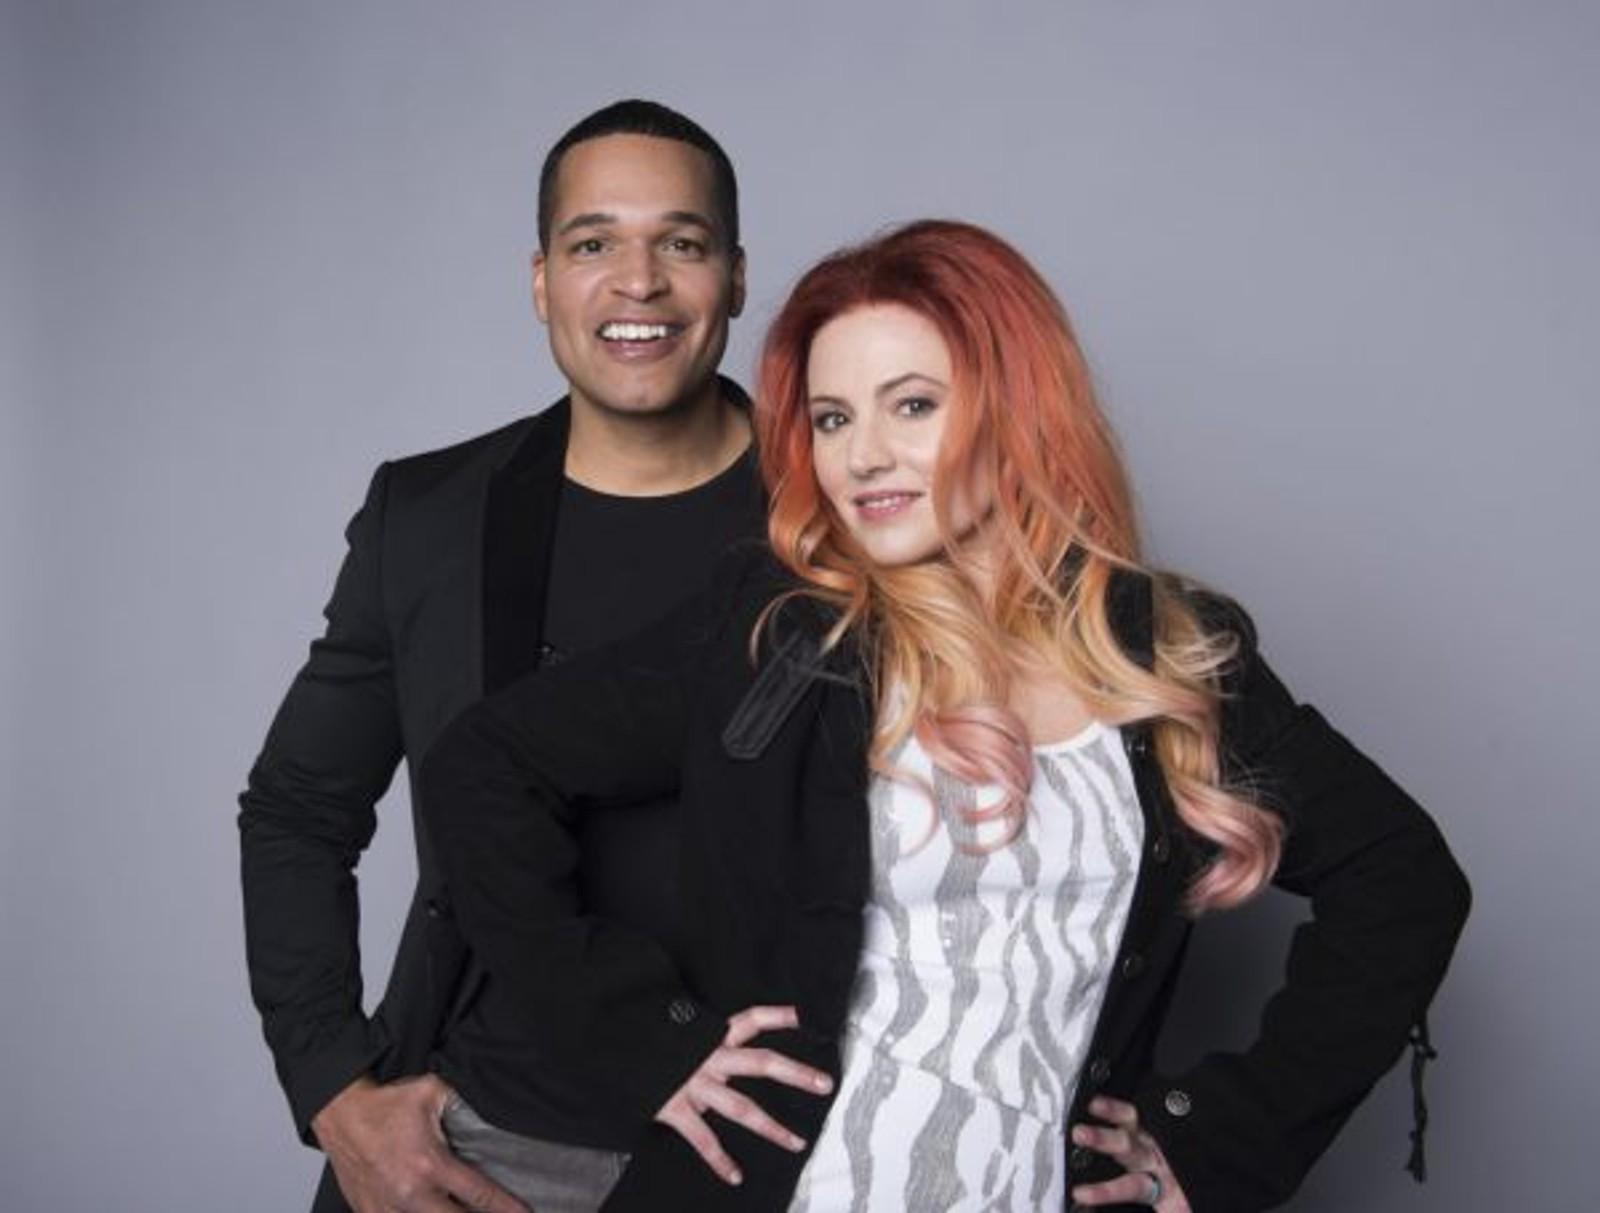 SAN MARINO: Valentina Monetta & Jimmie Wilson